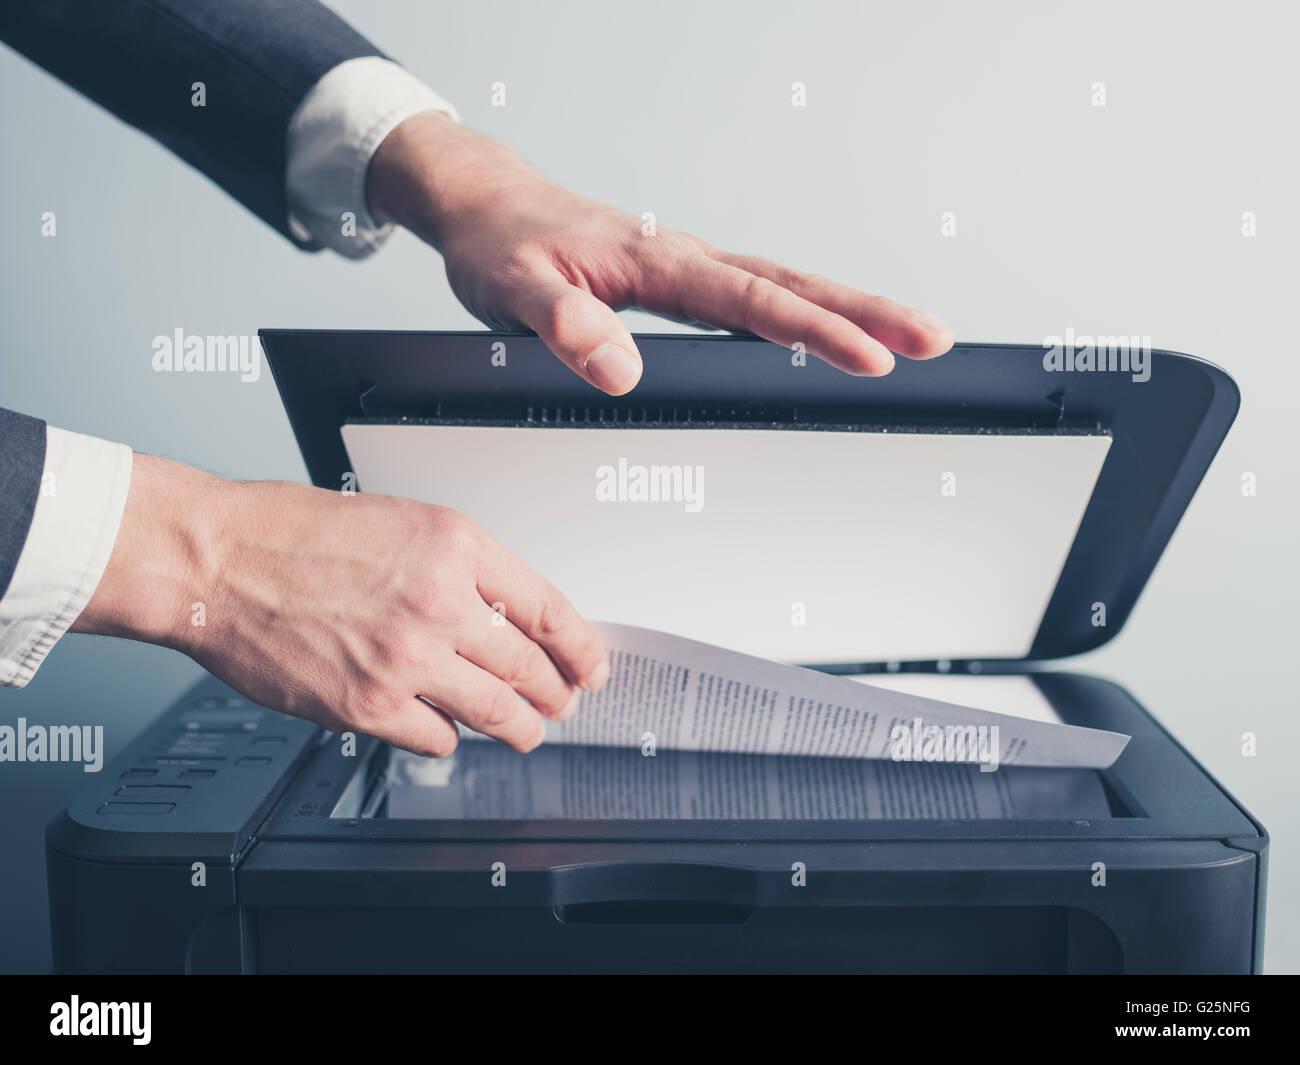 Las manos de un joven empresario es colocar un documento en el escáner de superficie plana en preparación Imagen De Stock